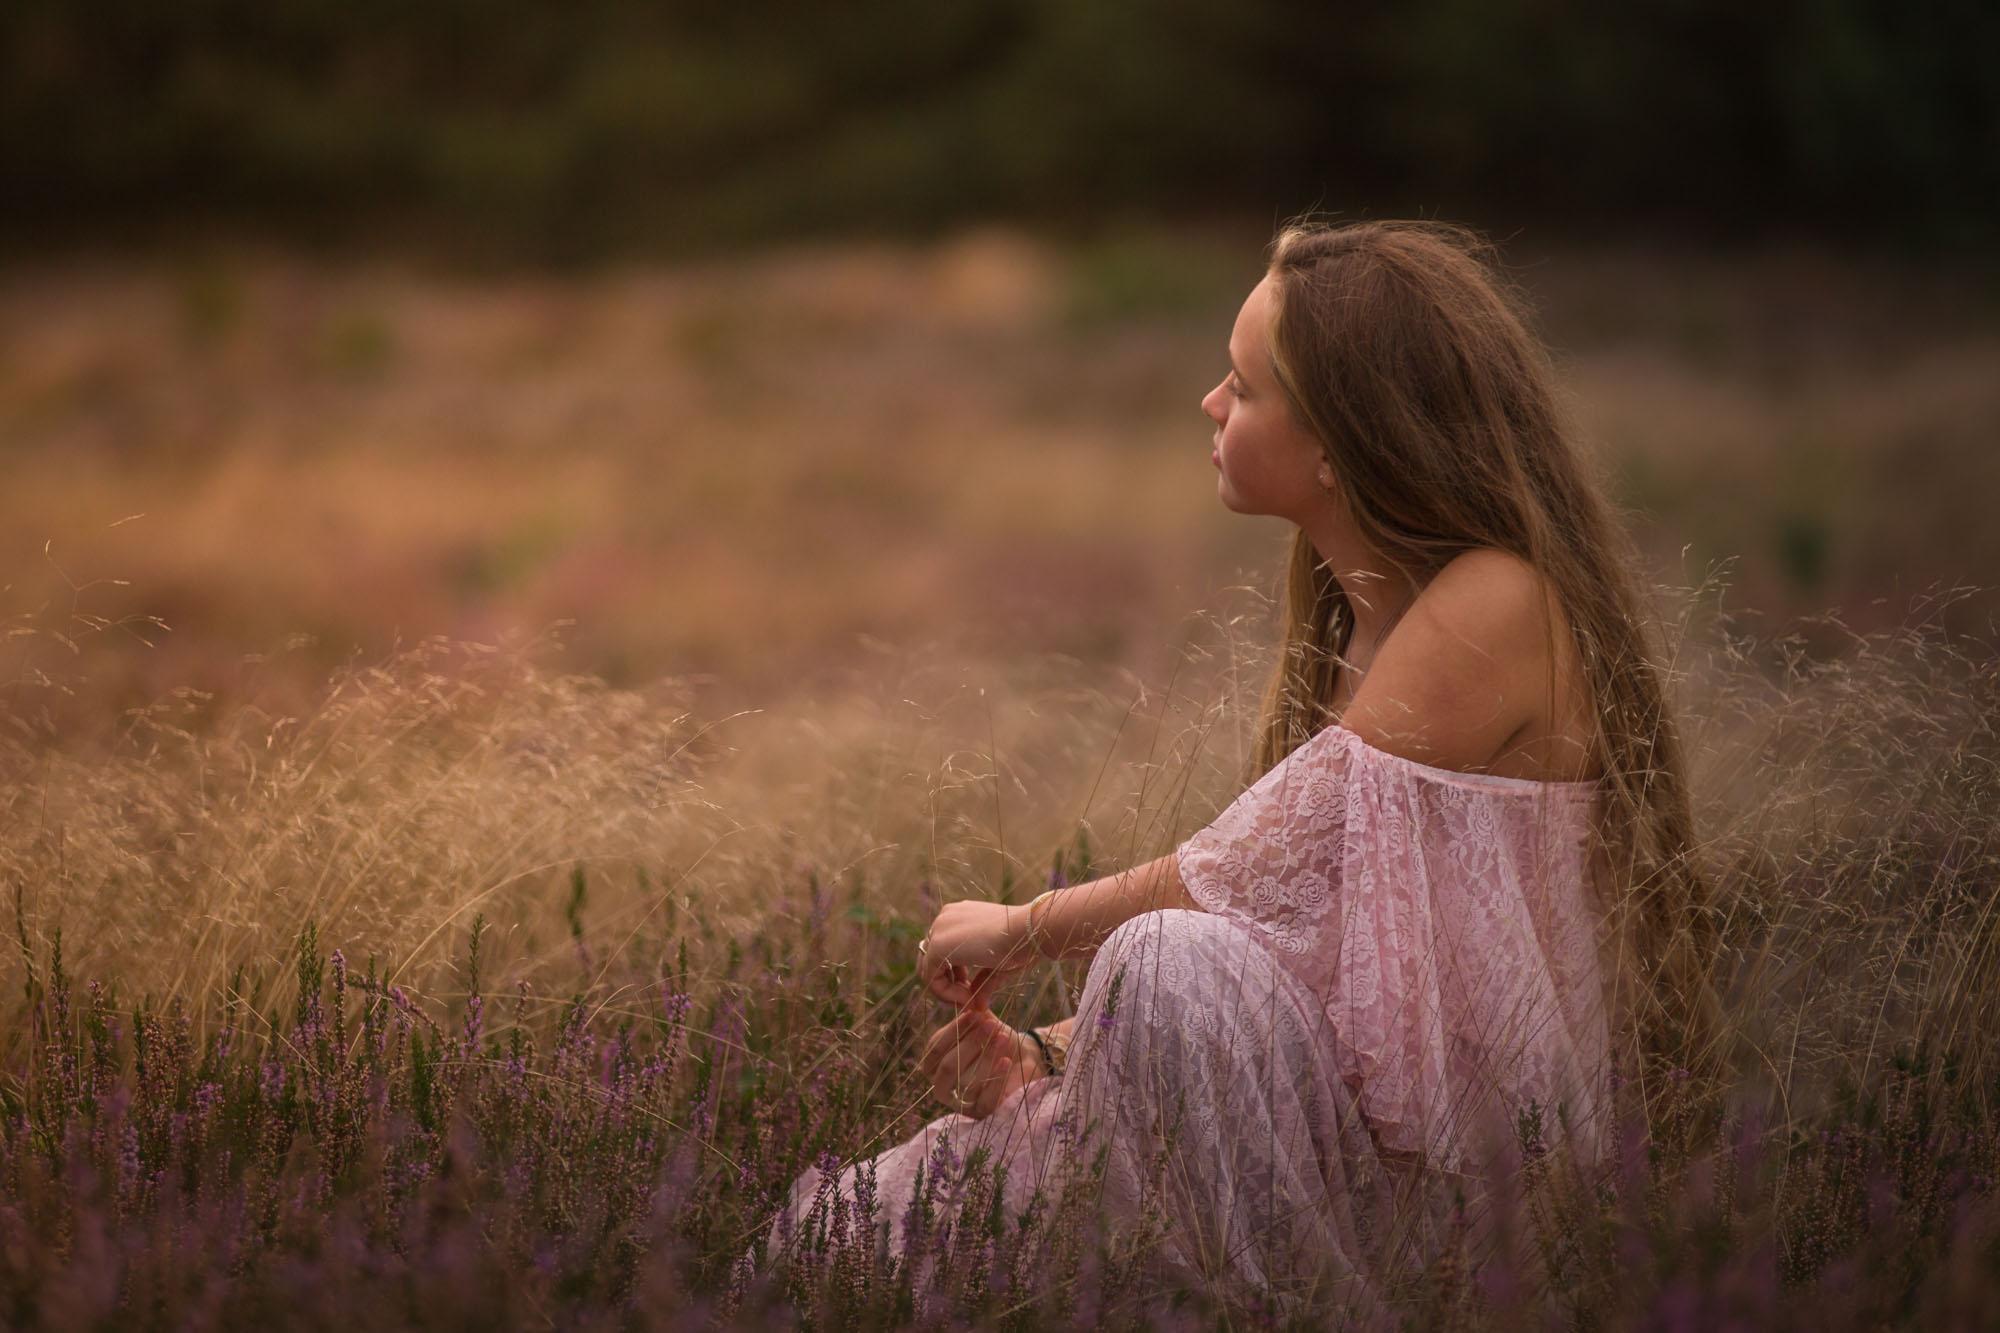 romantisch portret van jonge vrouw zittend in gras en heide door mayrafotografie